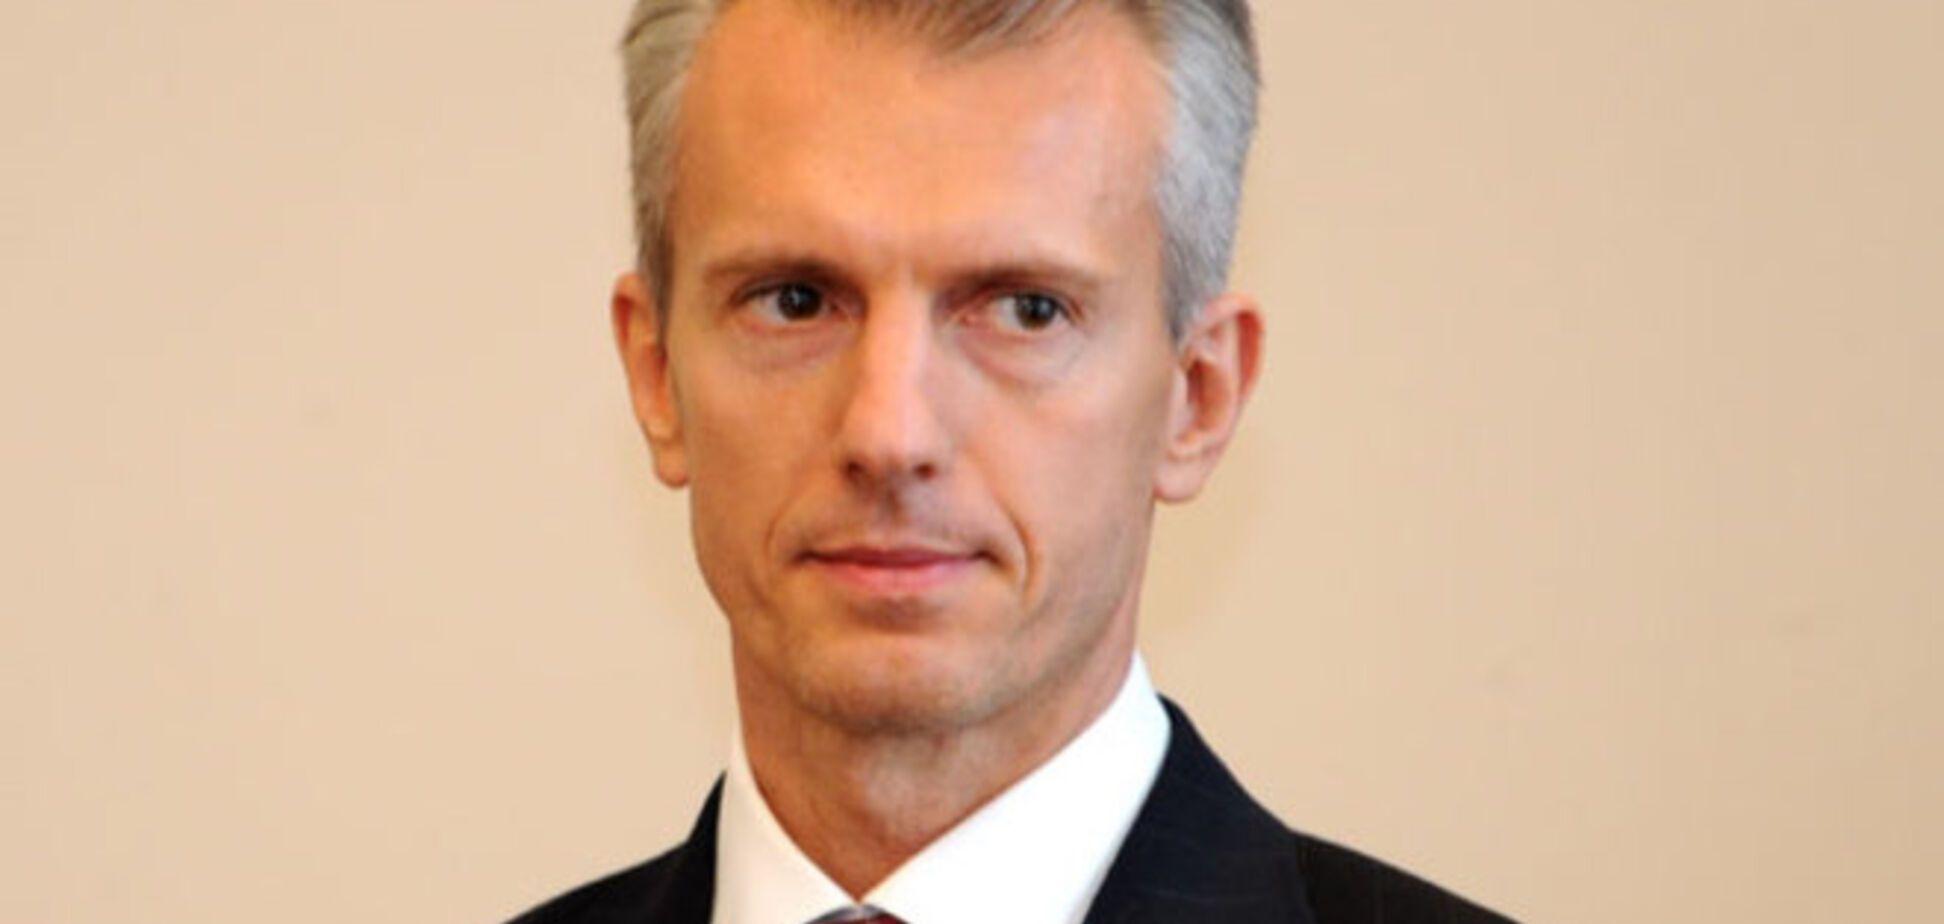 Хорошковського зареєстрували кандидатом в нардепи на підставі довідок